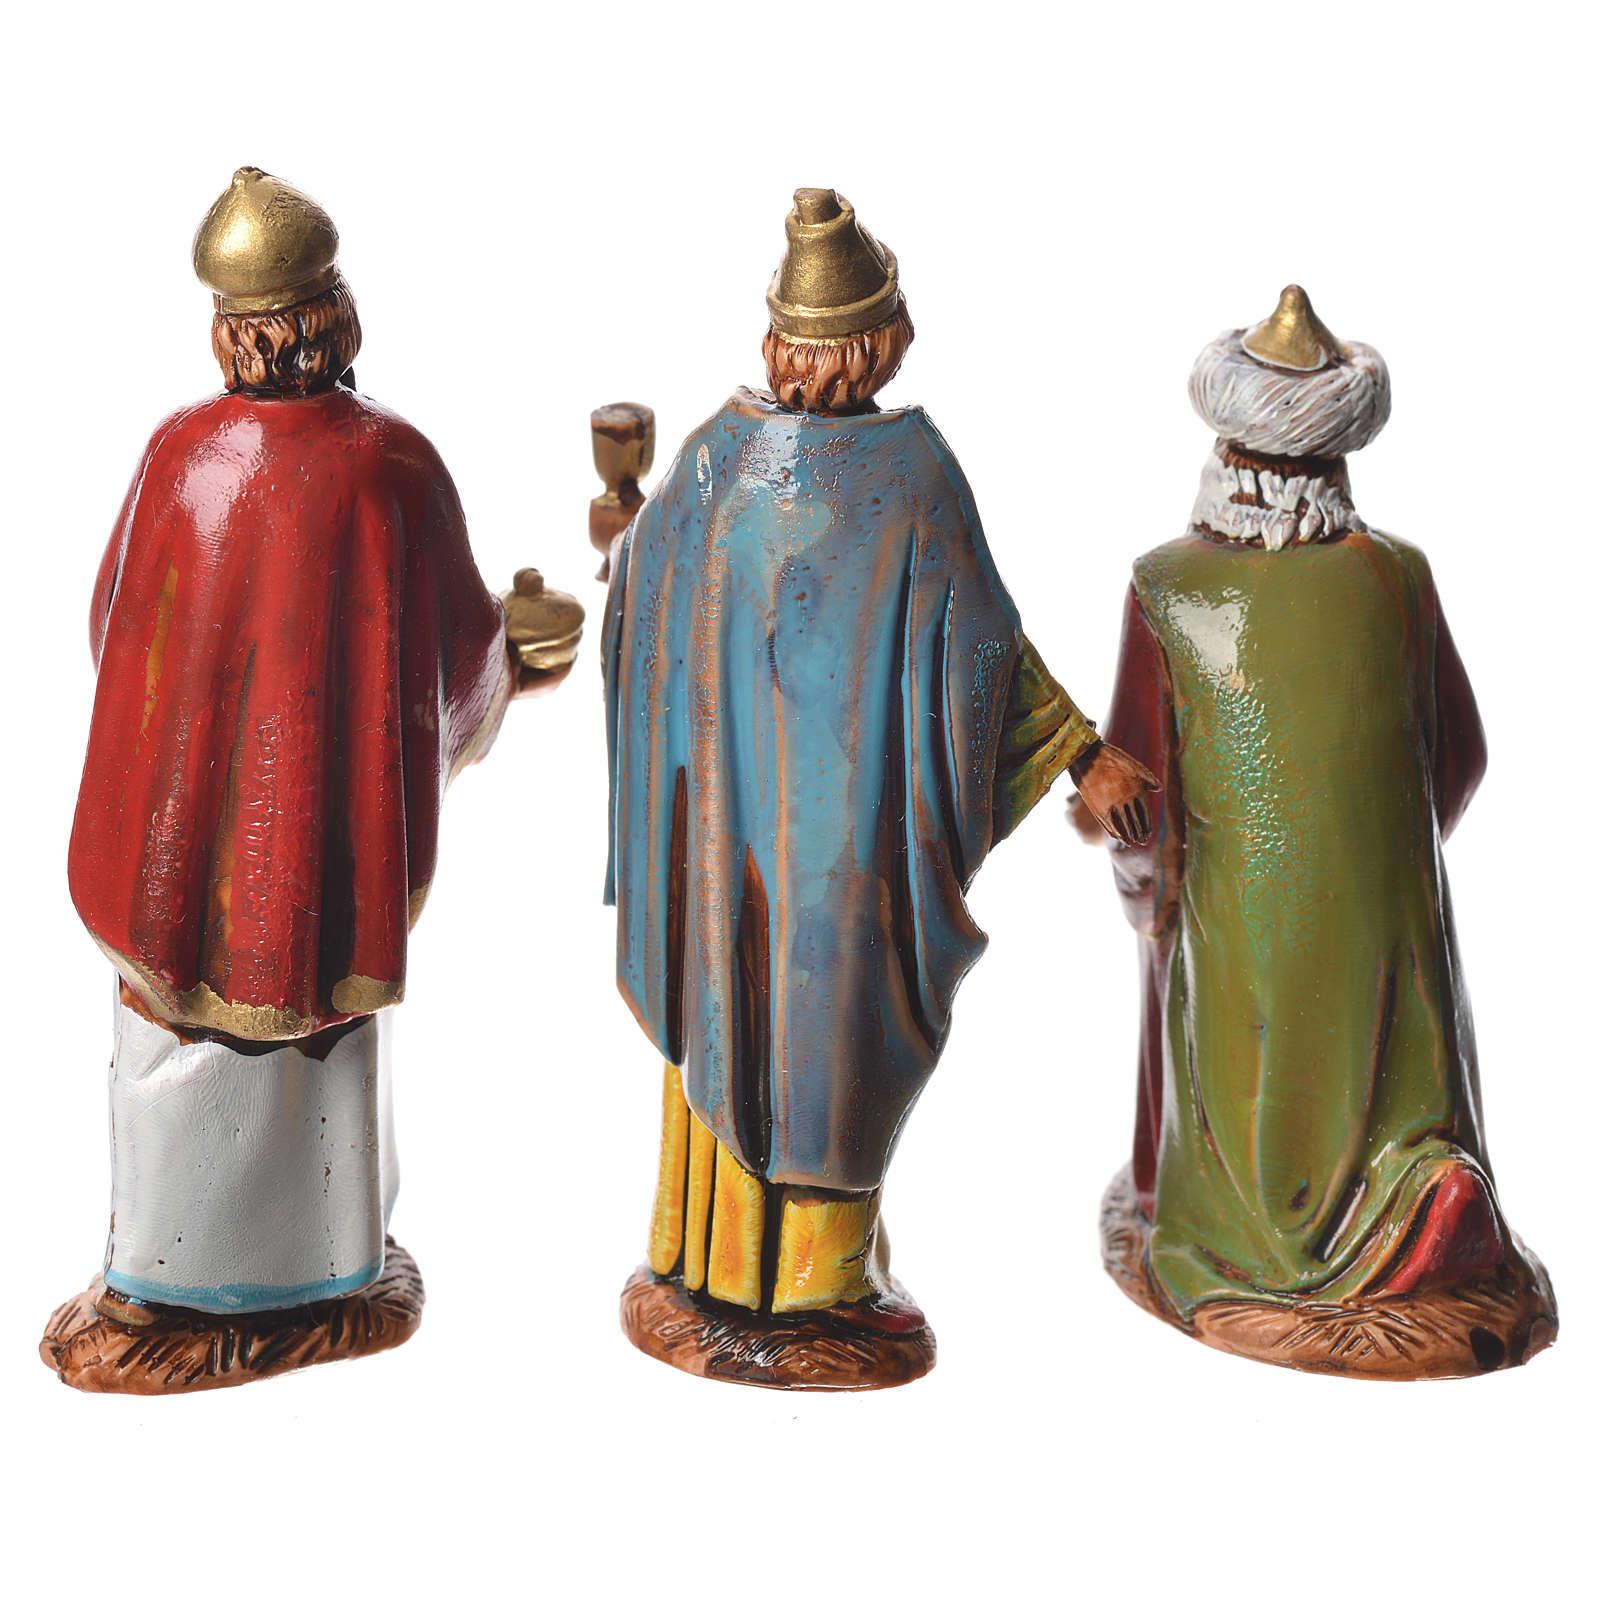 Nativity Scene Wise Men by Moranduzzo 6.5cm, Arabian style 4